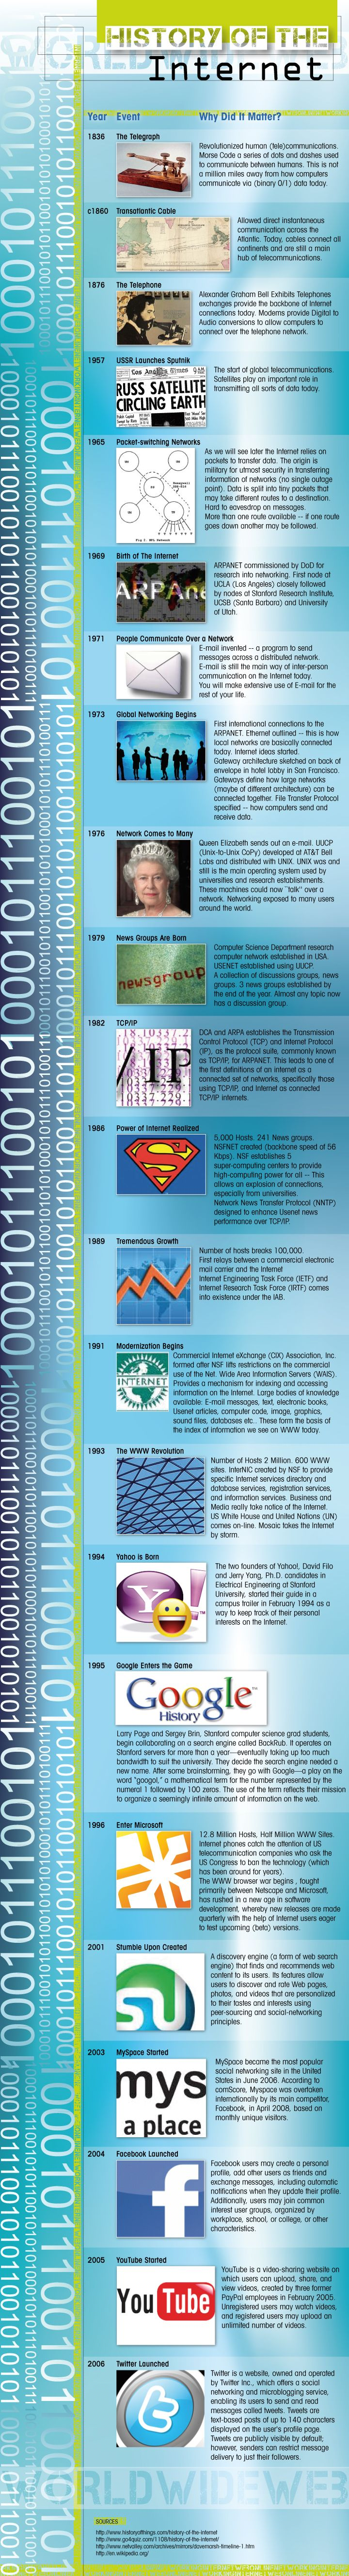 #ElSaborDigital Historia de Internet desde la Creación del Telégrafo - Infografía #CCentral